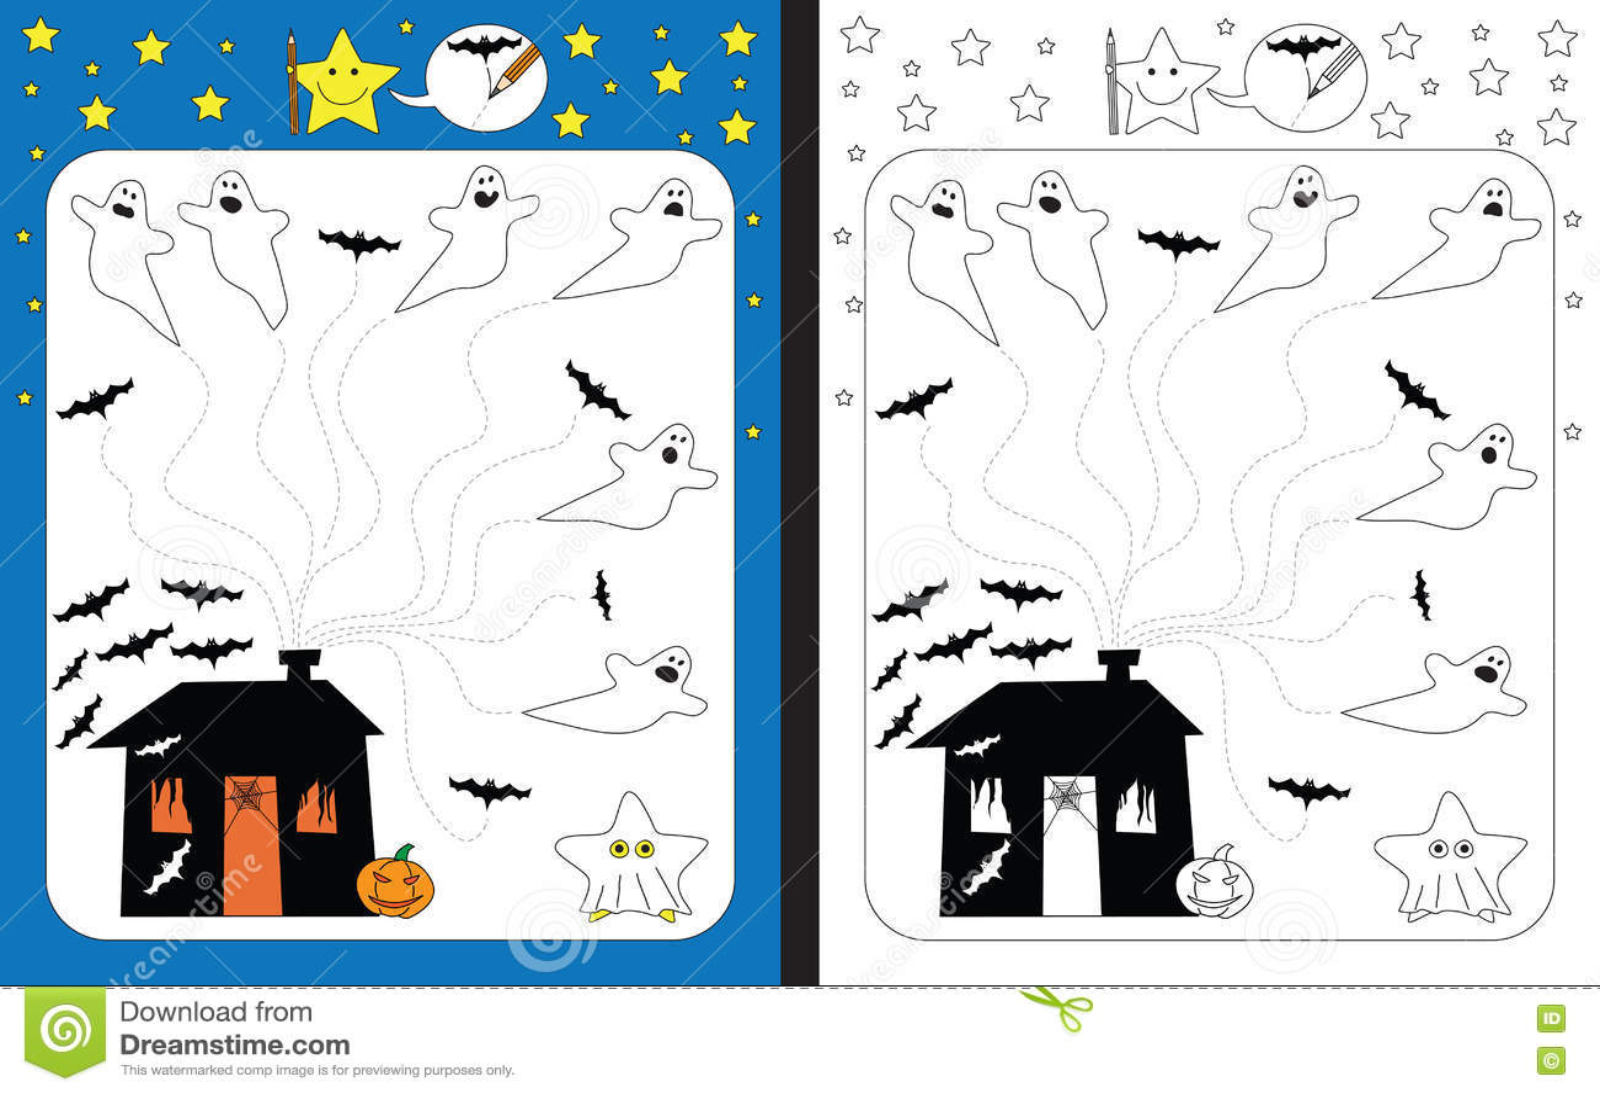 Preschool Worksheet Stock Vector Illustration Of Skills